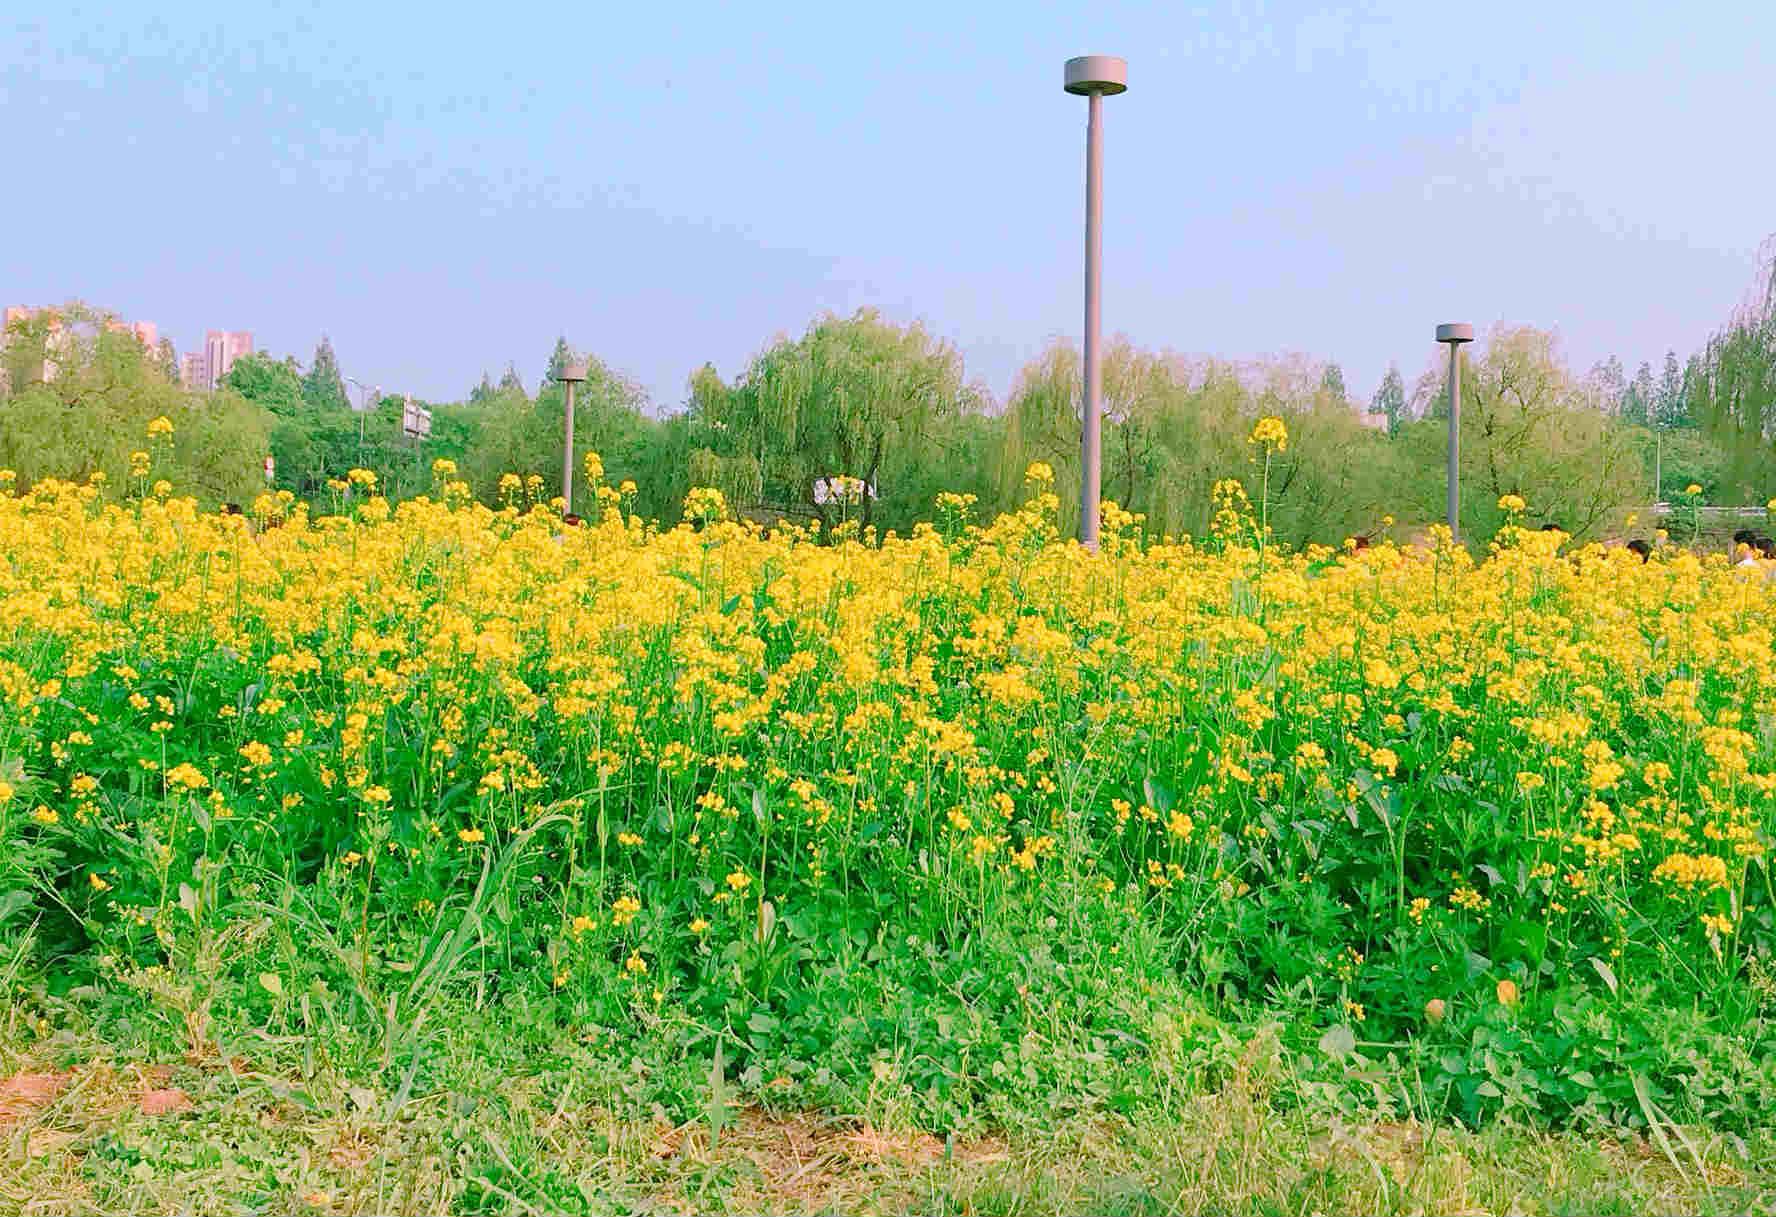 5月正是韓國油菜花盛開的季節,盤浦漢江公園裡的瑞來島,滿滿一片金黃色花海,超級迷人啊!